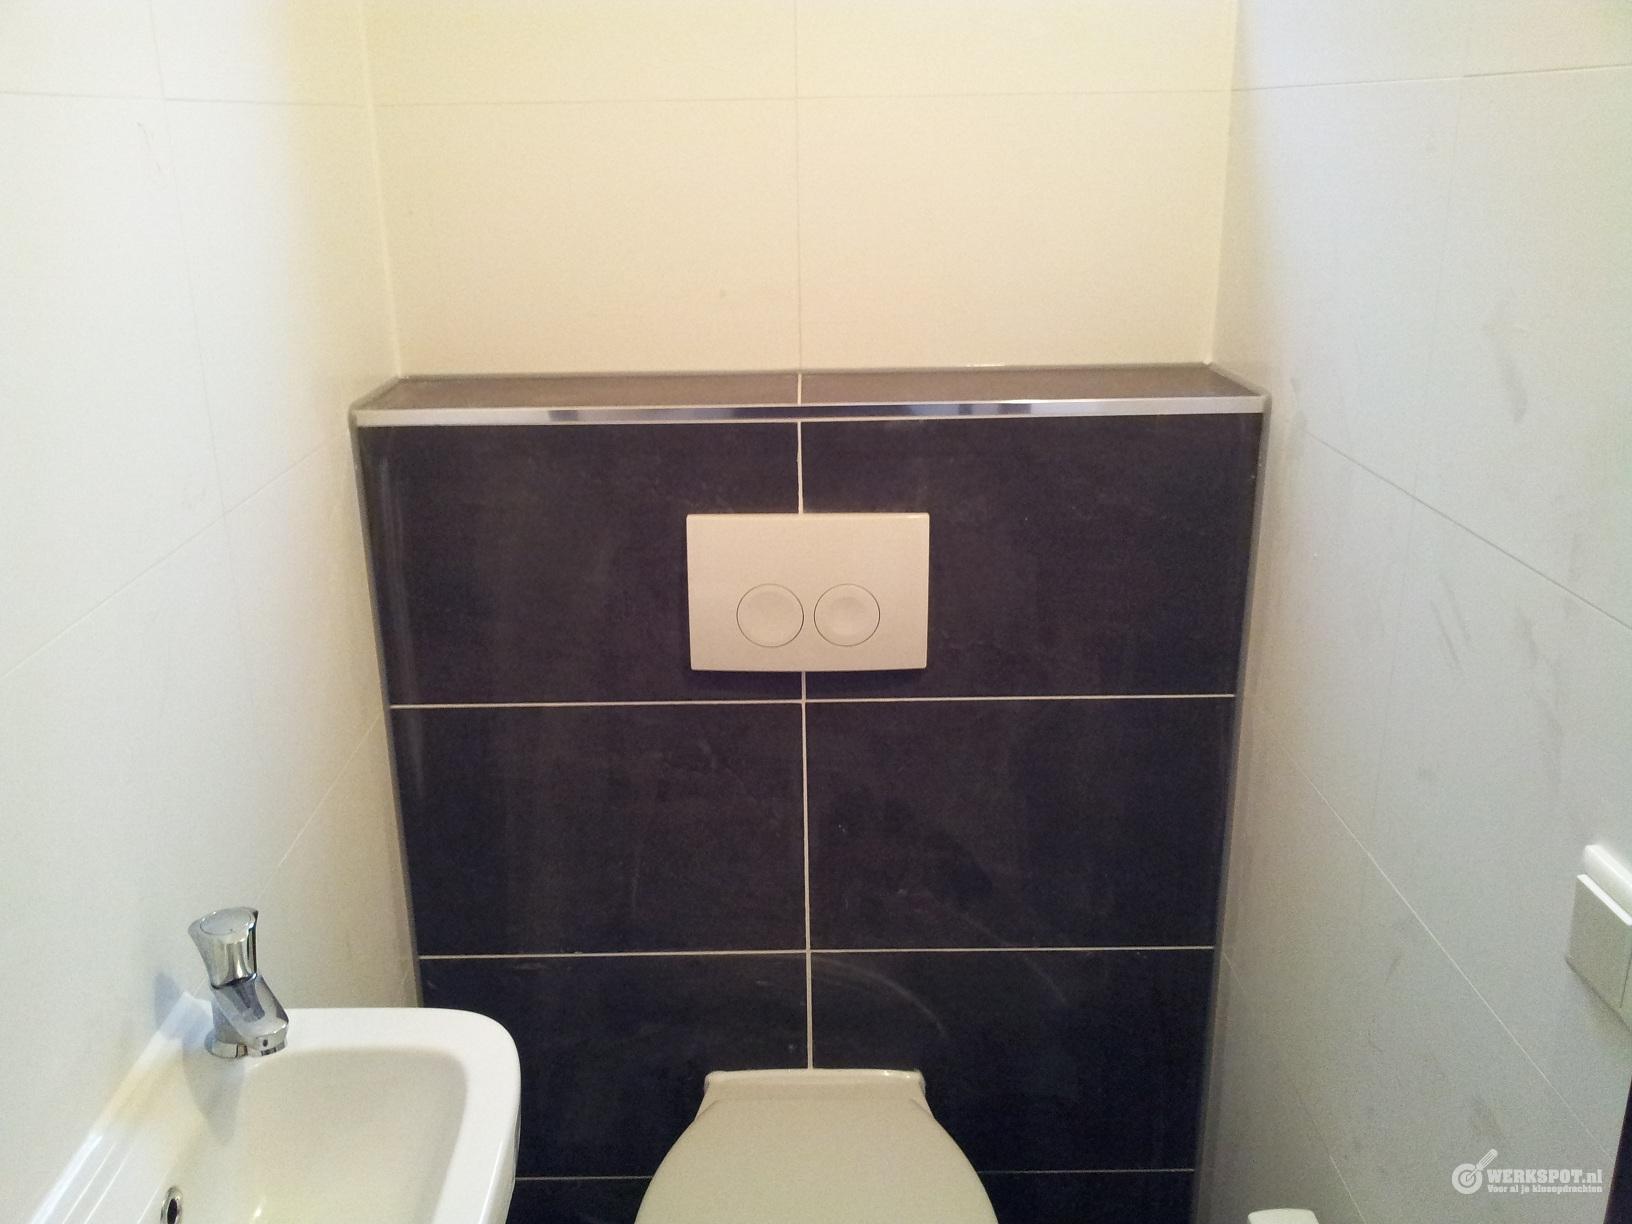 Badkamer Betegelen Kosten : Wc betegelen kosten